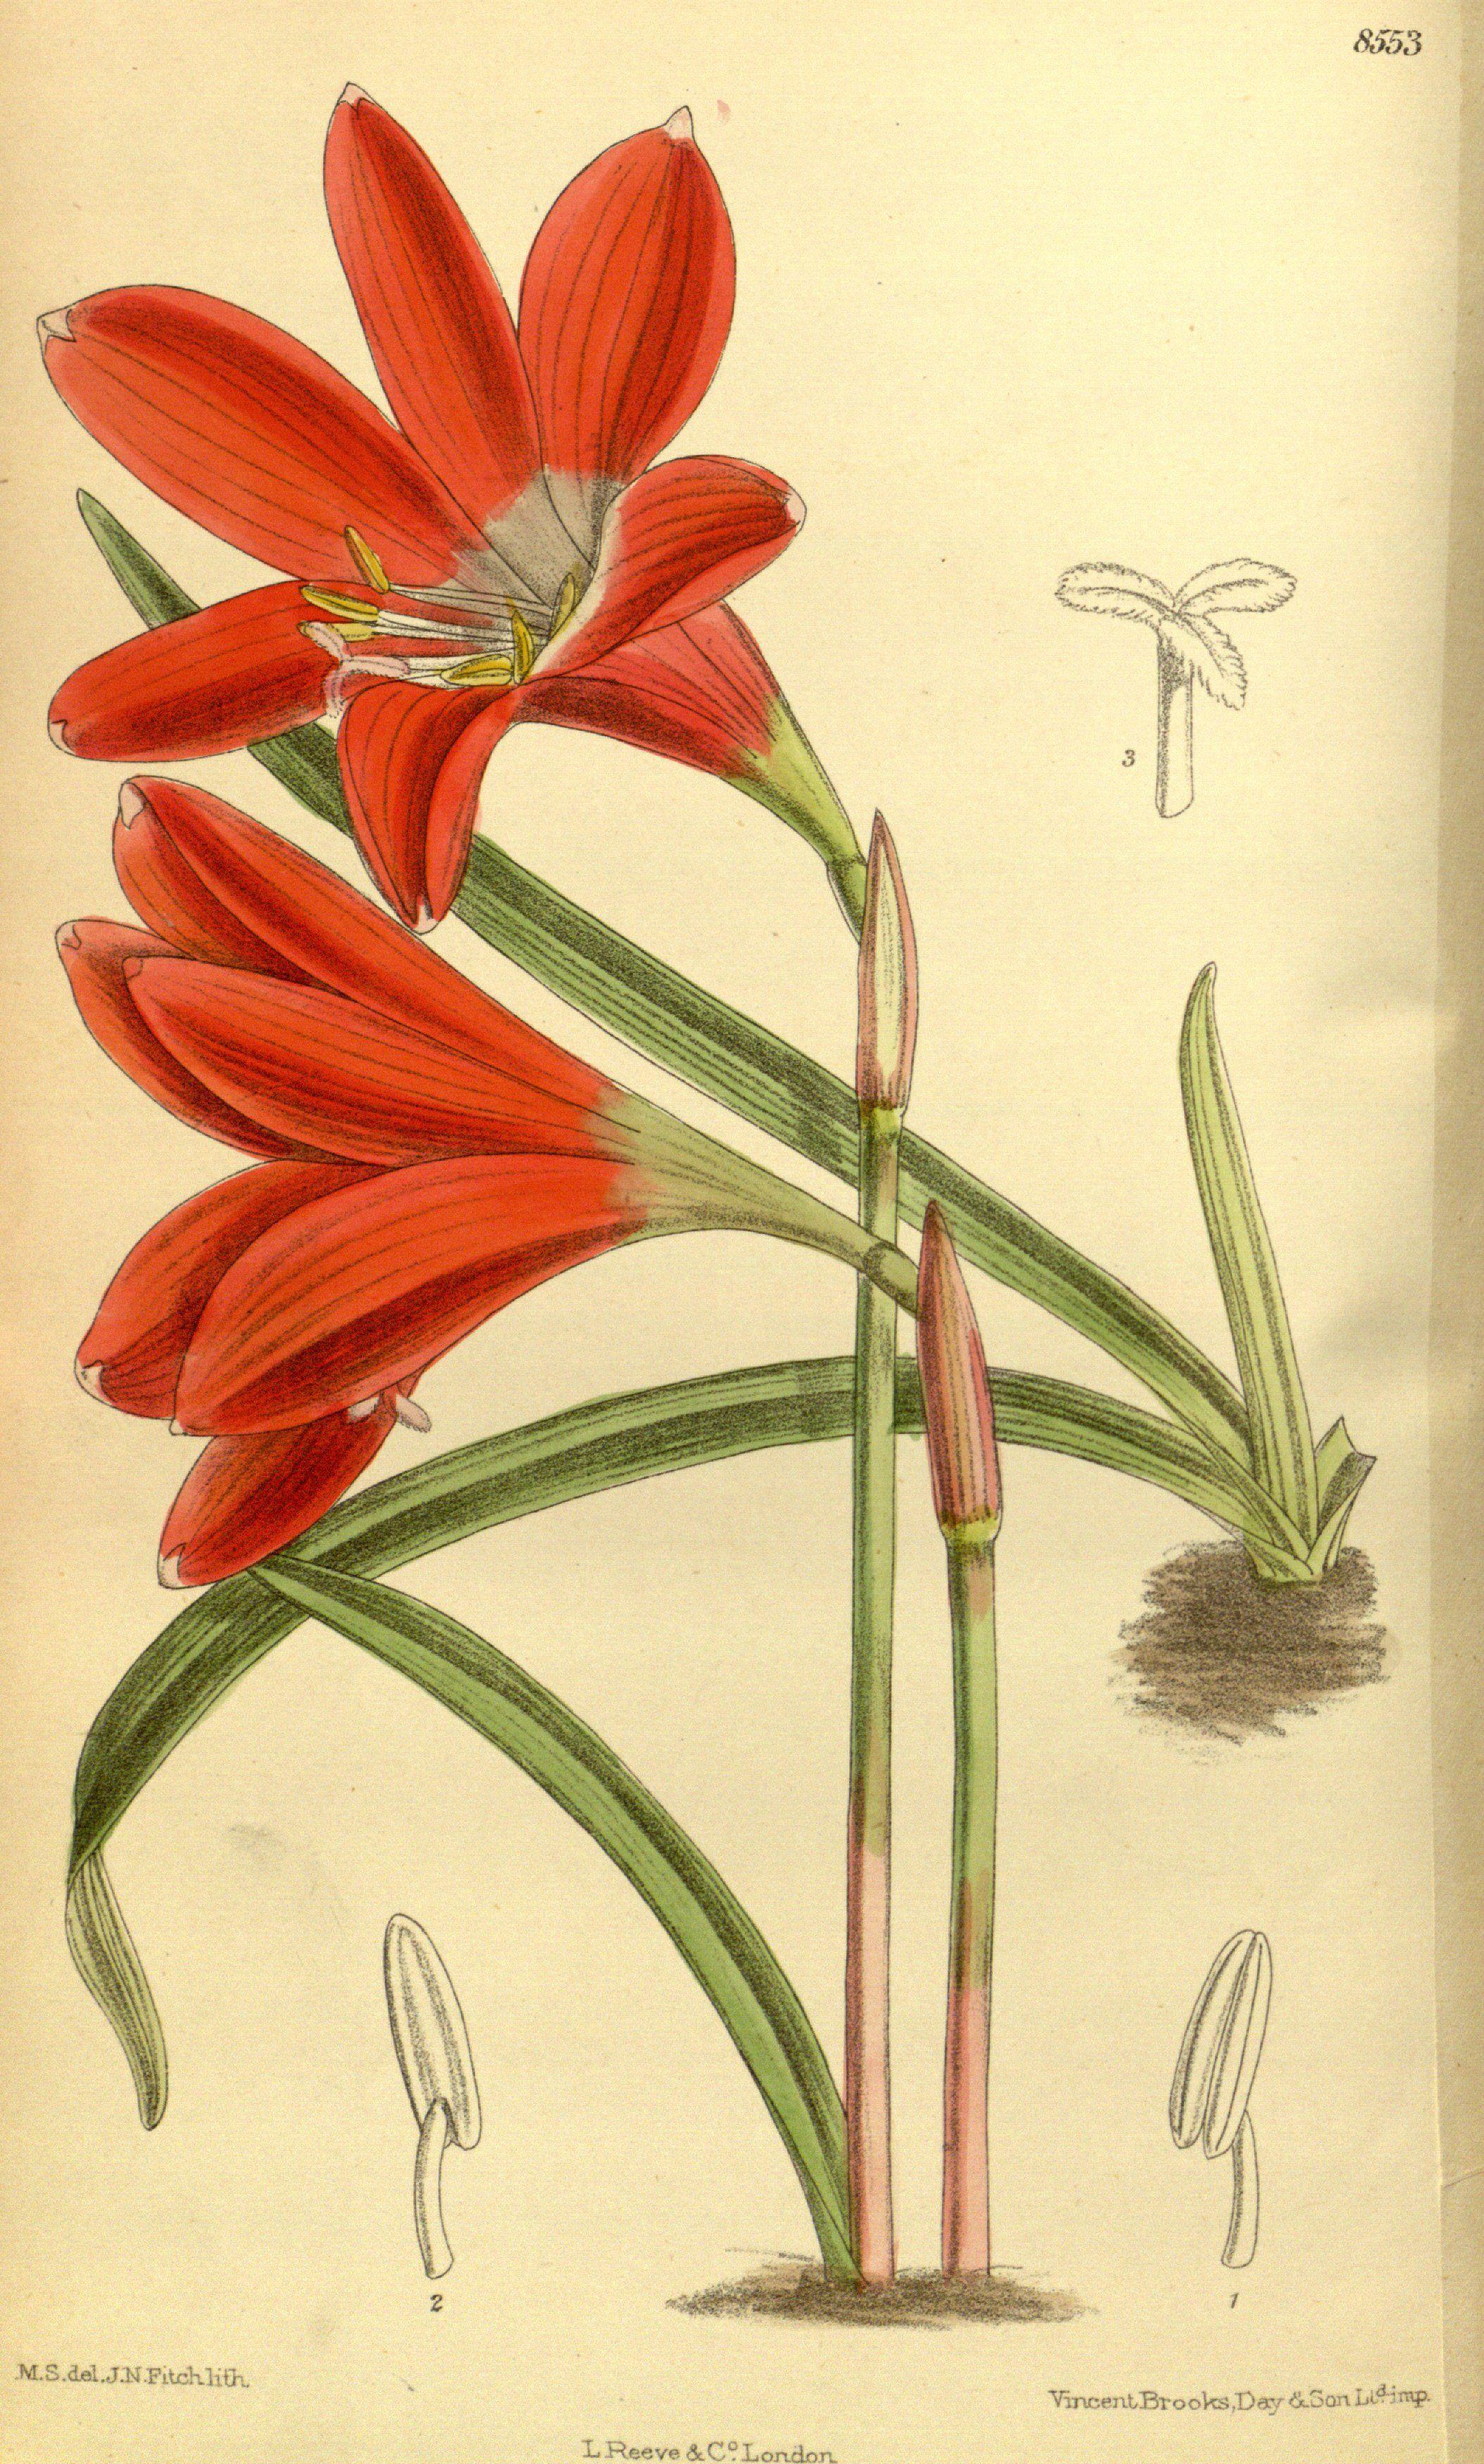 Zephyranthes cardinalis